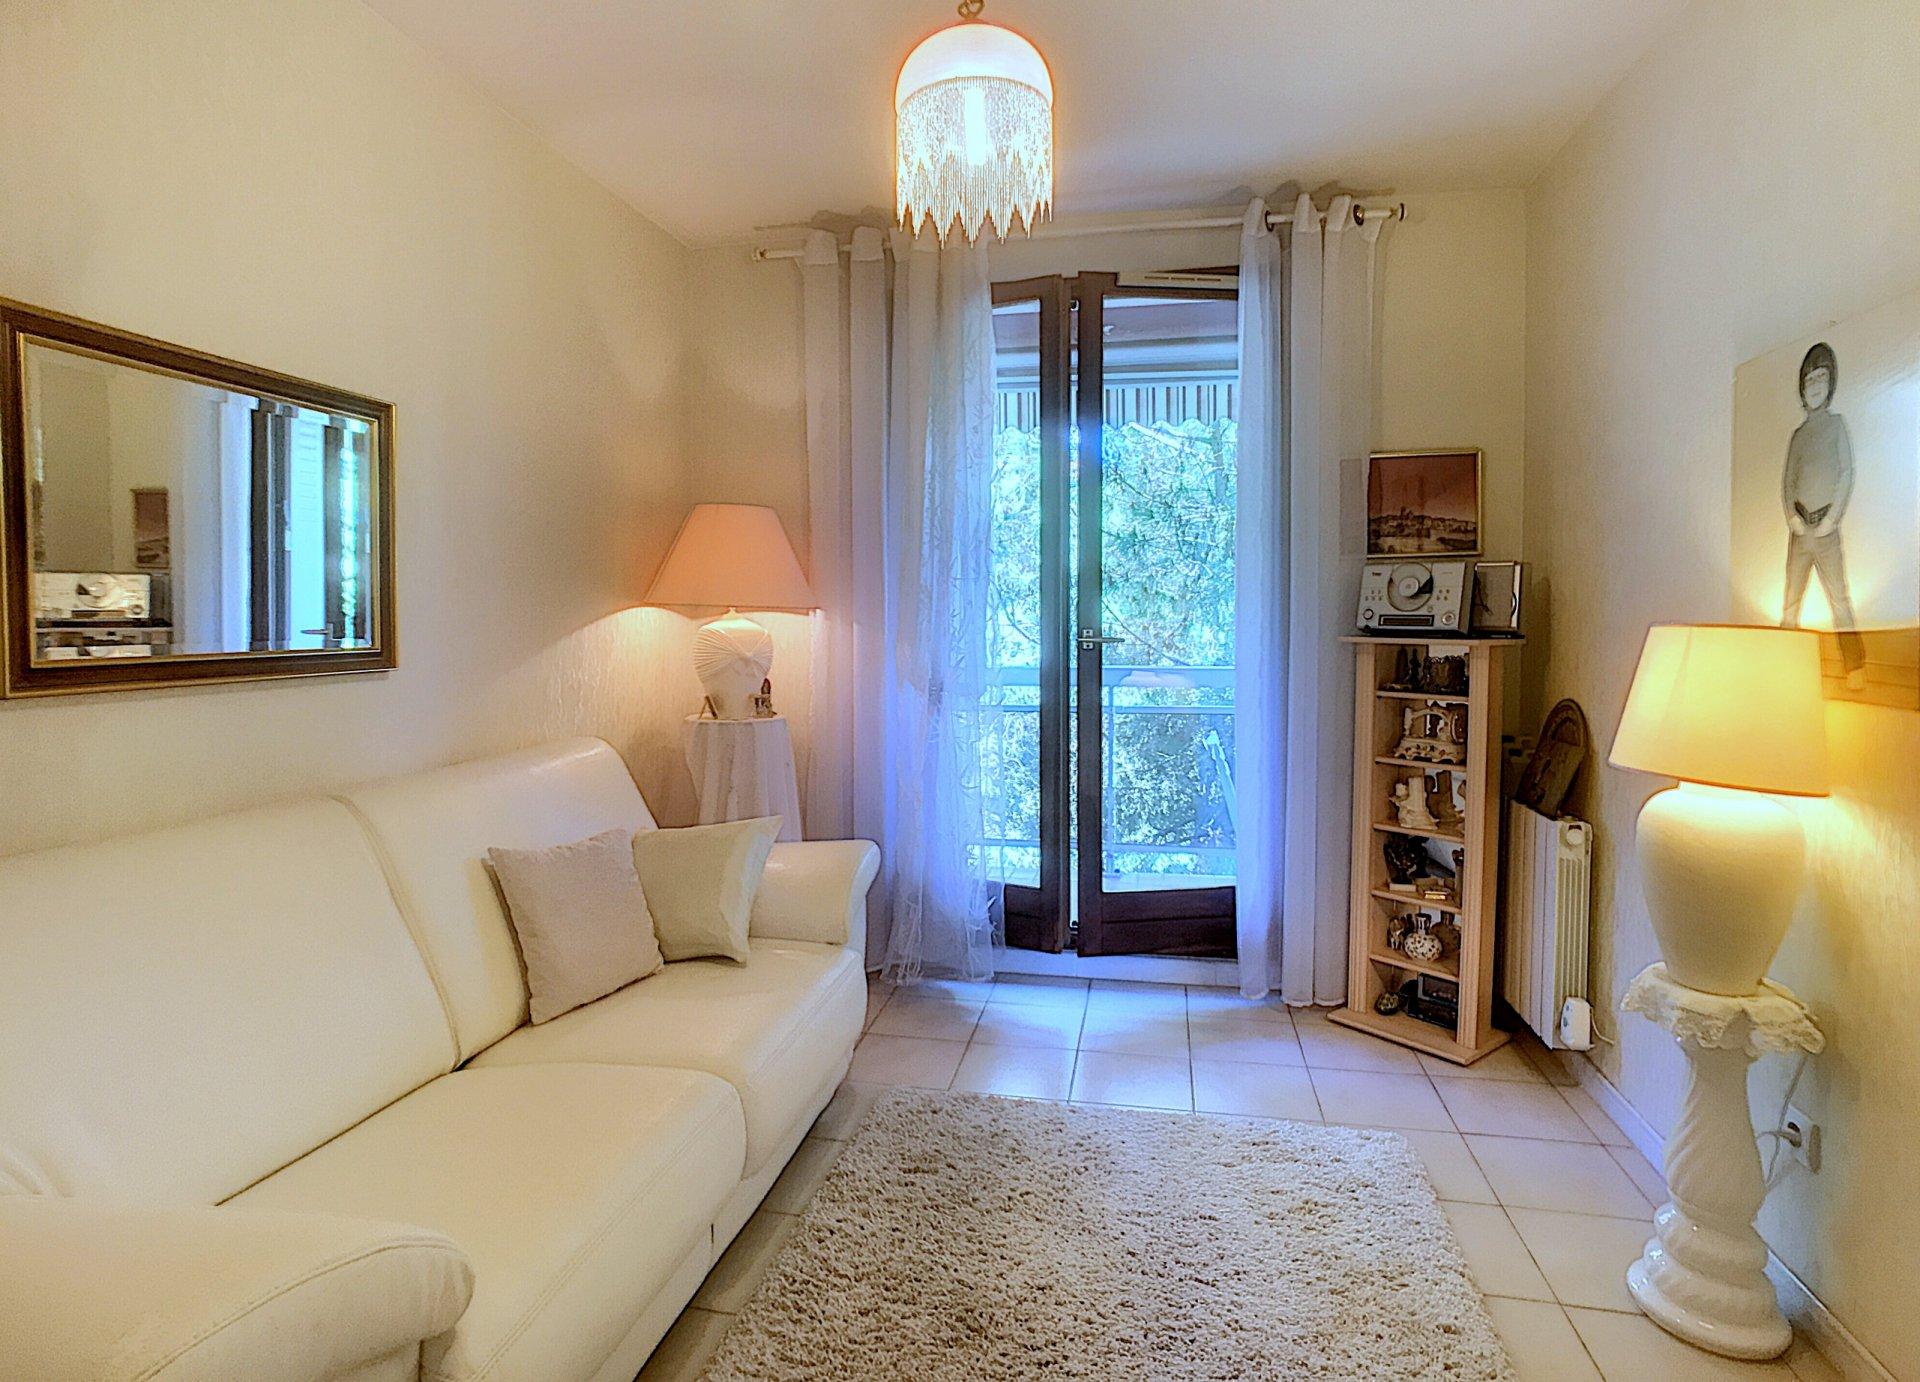 Försäljning Lägenhet 4 Rum Nice Fabron Terrasser Och Möjlighet Köpa Garage.